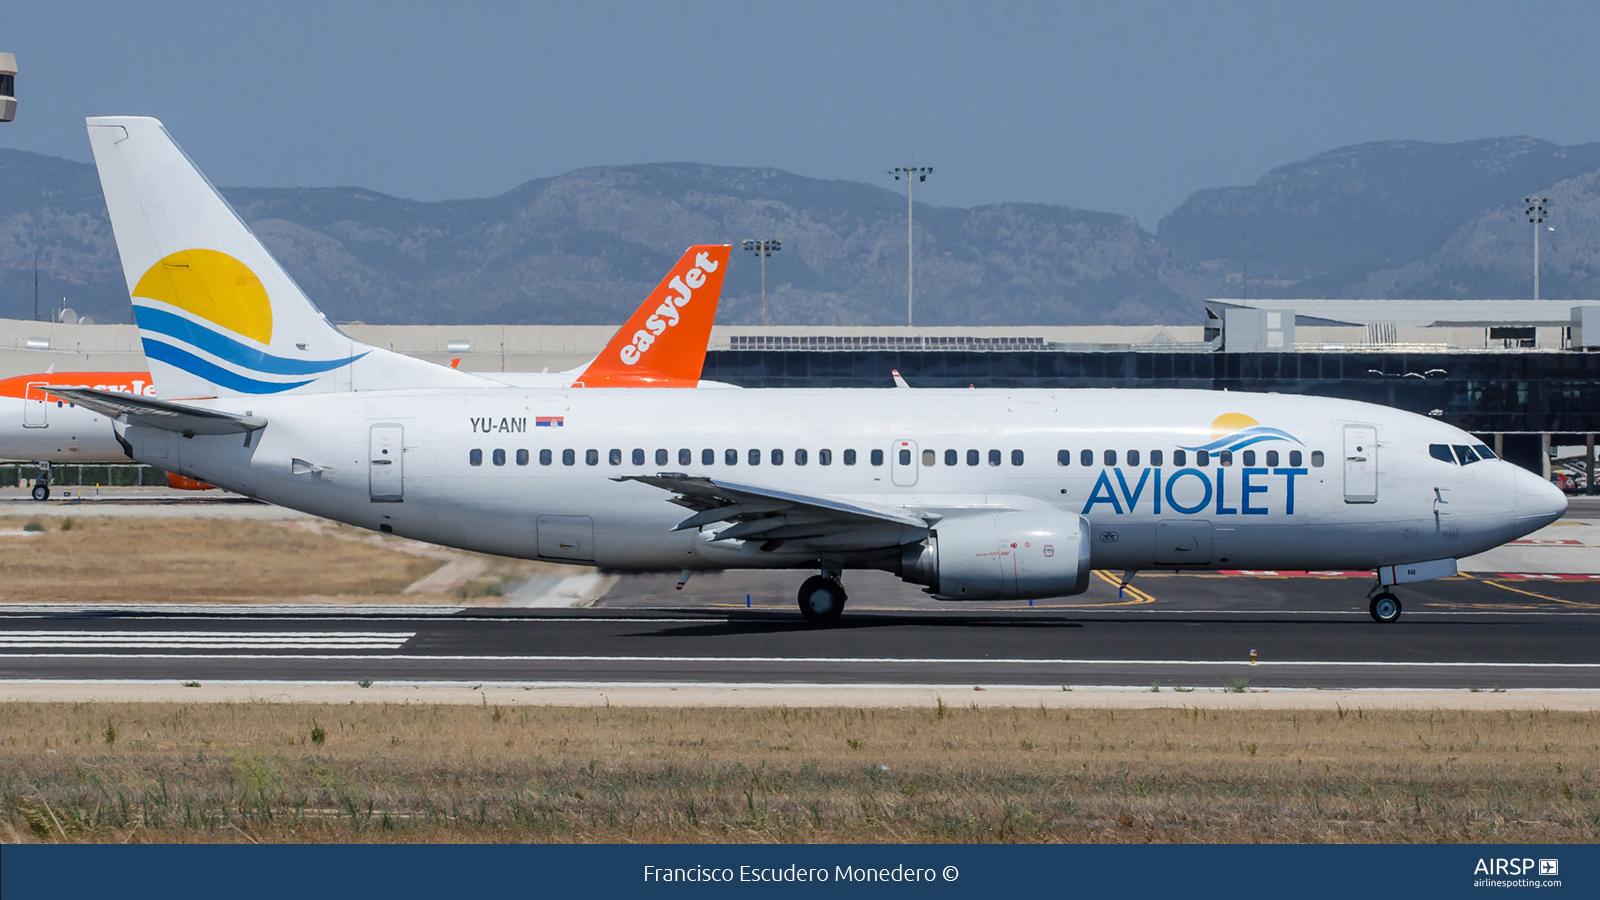 Aviolet  Boeing 737-300  YU-ANI